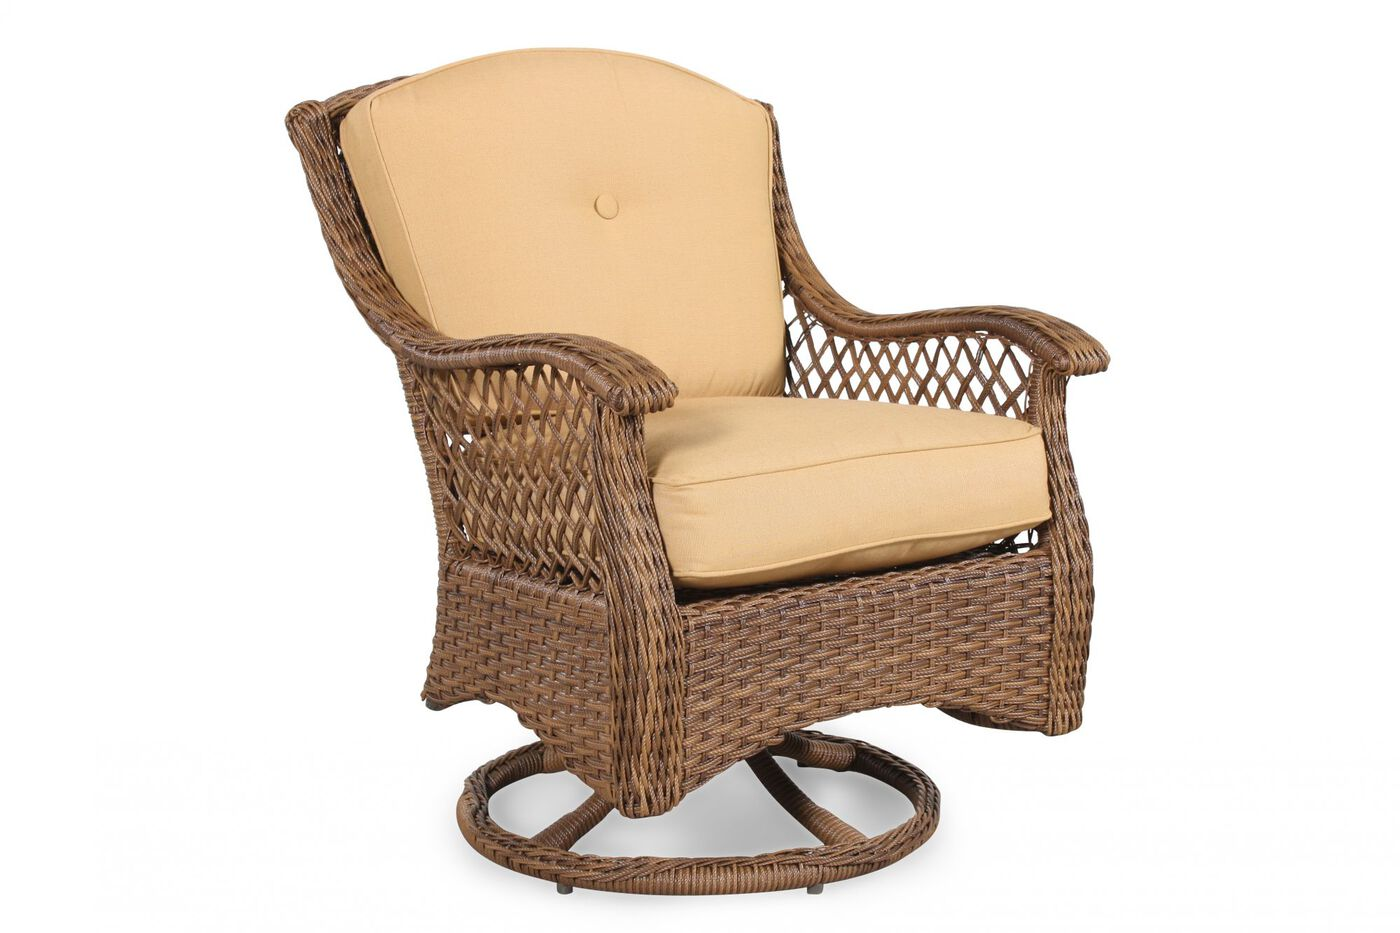 Mathis Brothers Patio Furniture agio veranda patio swivel rocker chair | mathis brothers furniture